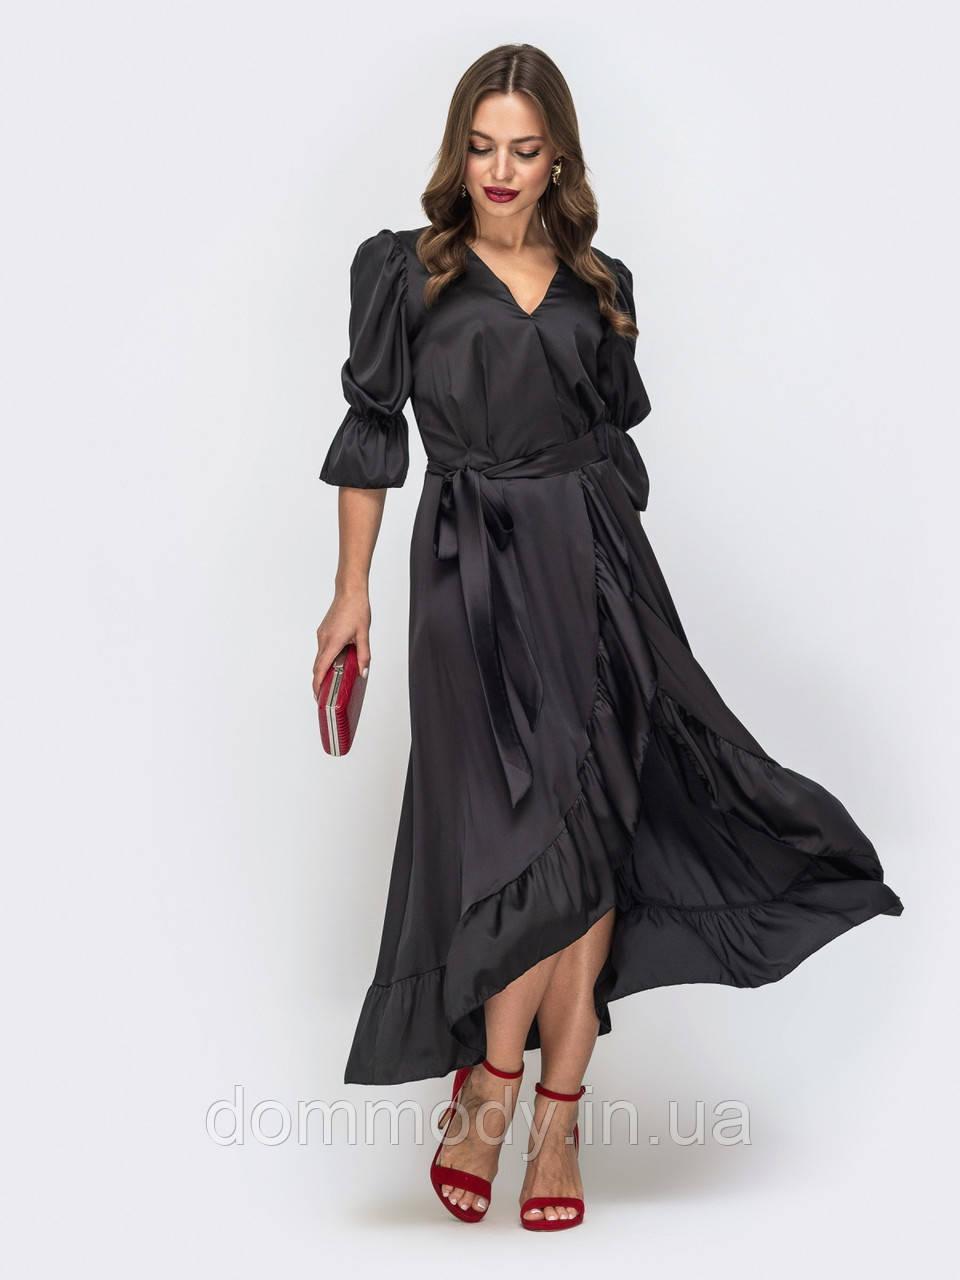 Платье женское Debbie black